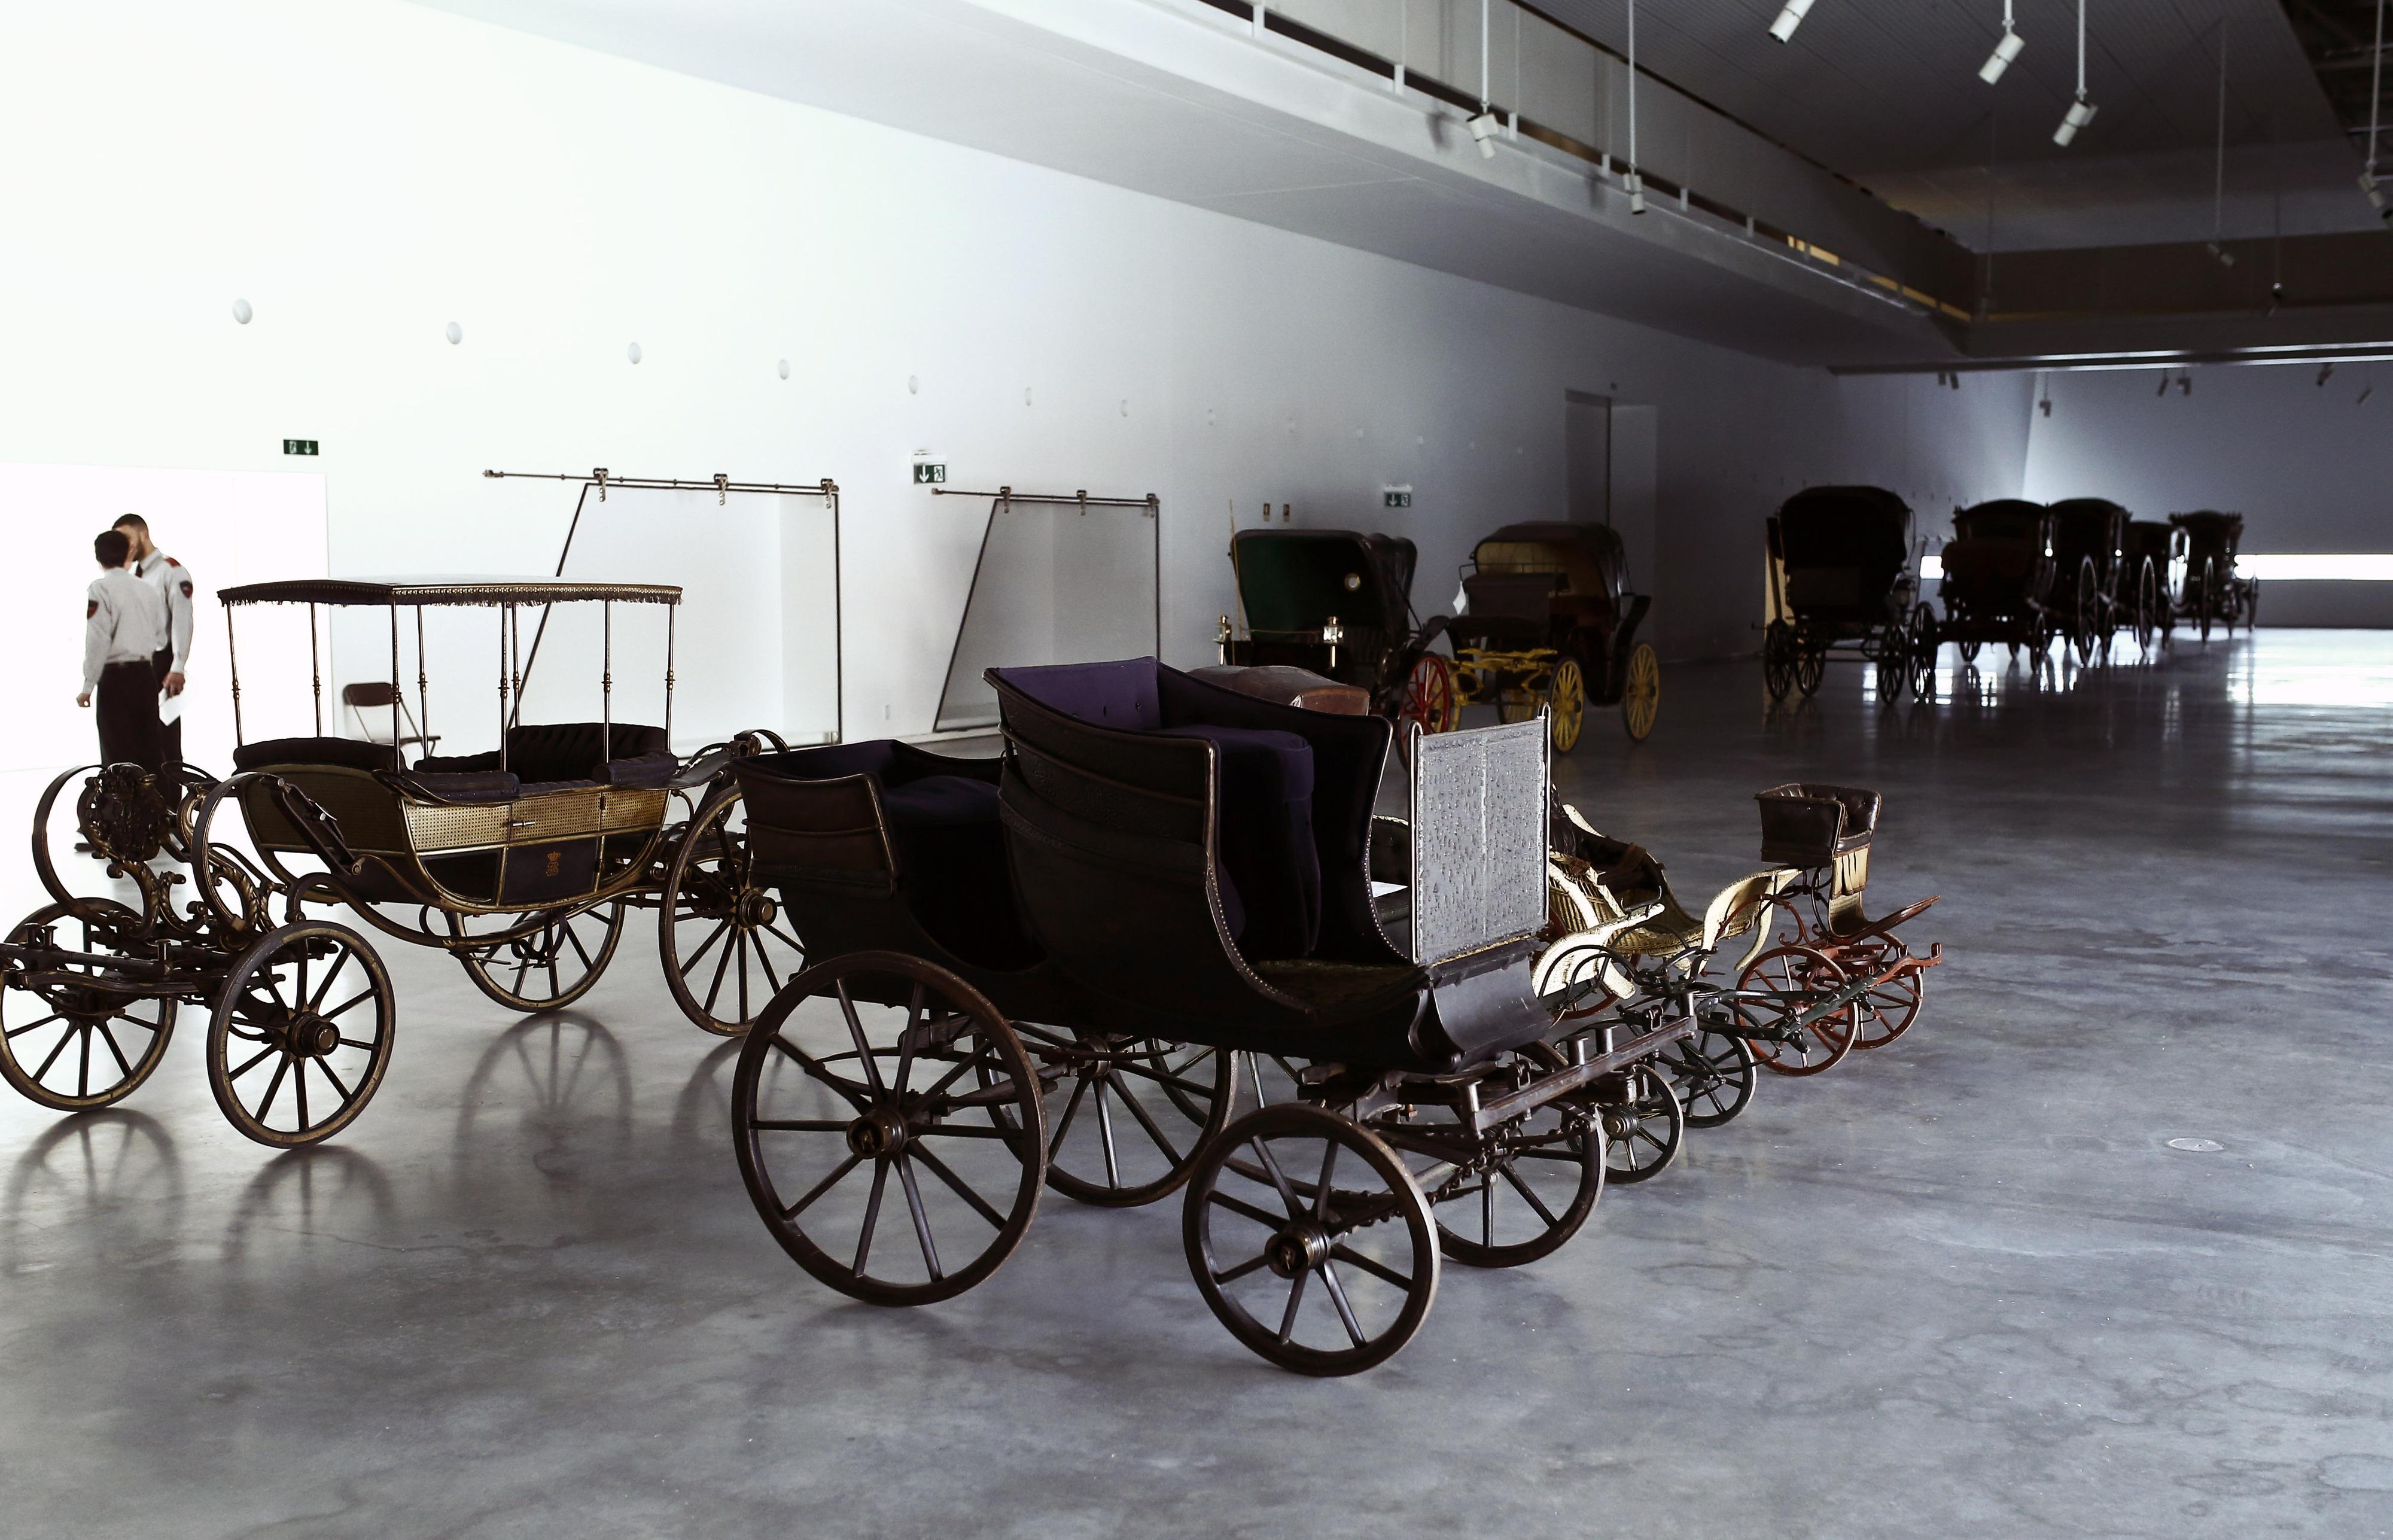 Museu dos Coches encerra hoje para instalação do projeto expositivo